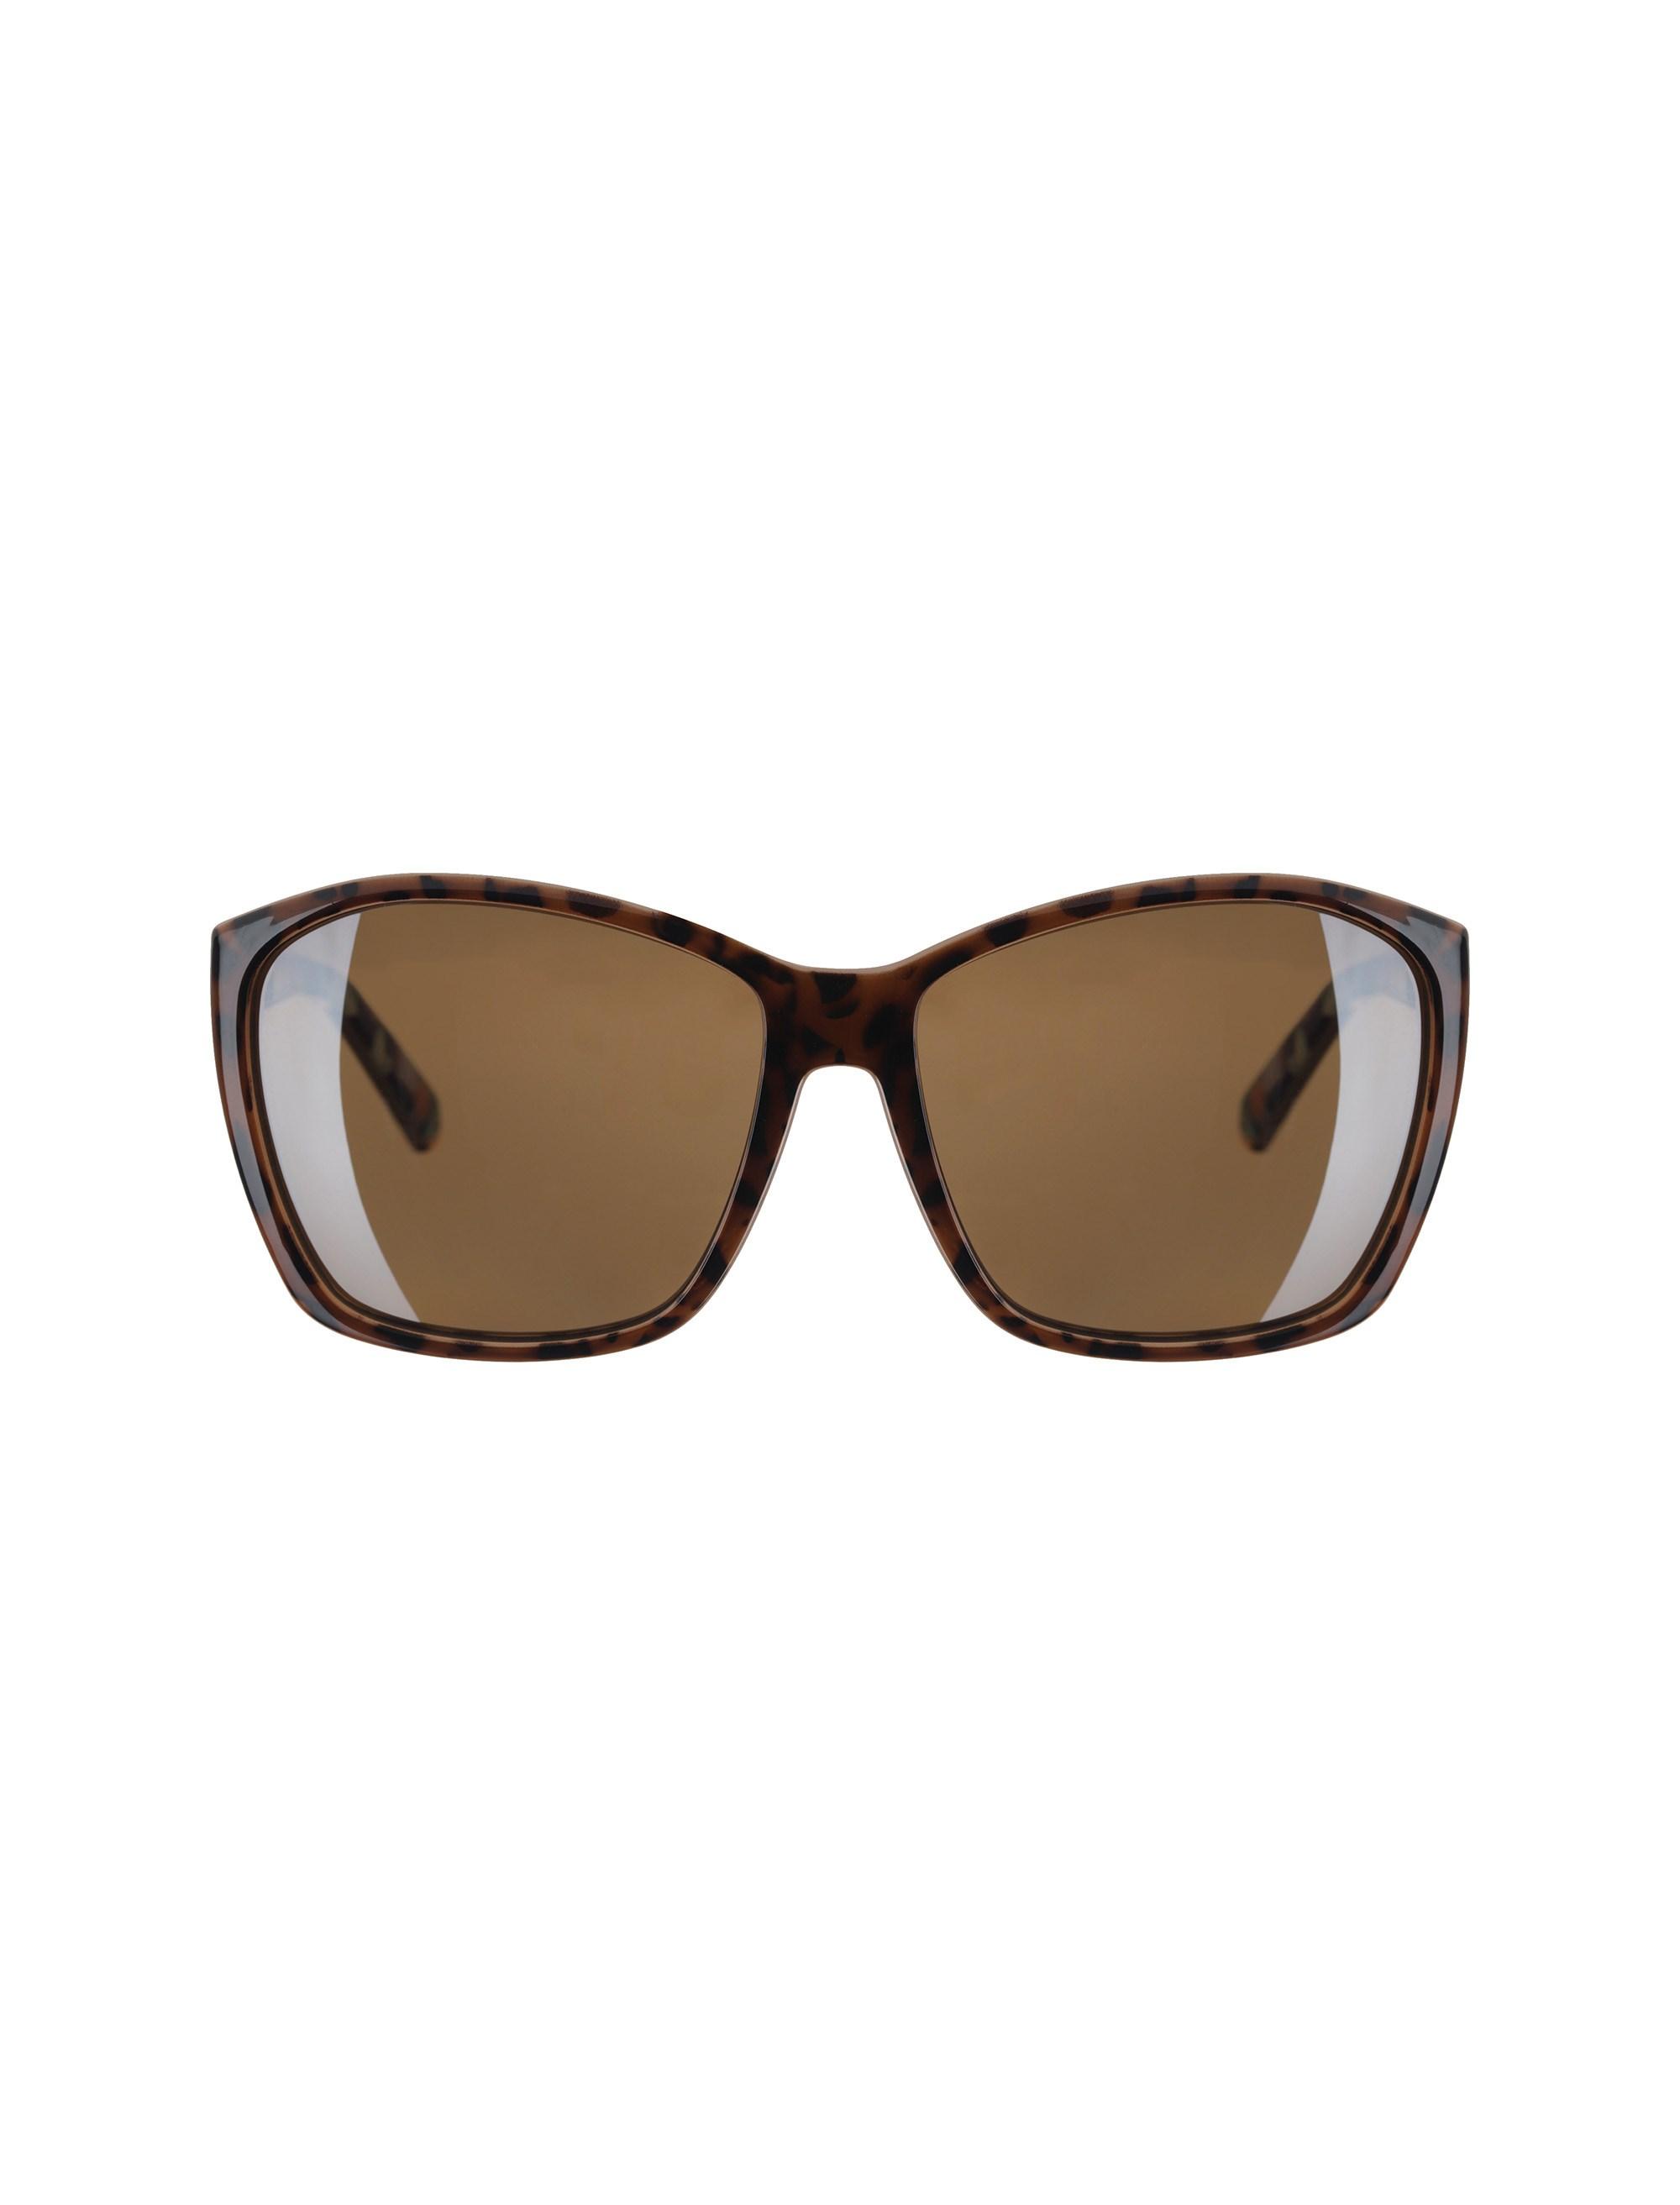 عینک آفتابی مربعی زنانه - تد بیکر